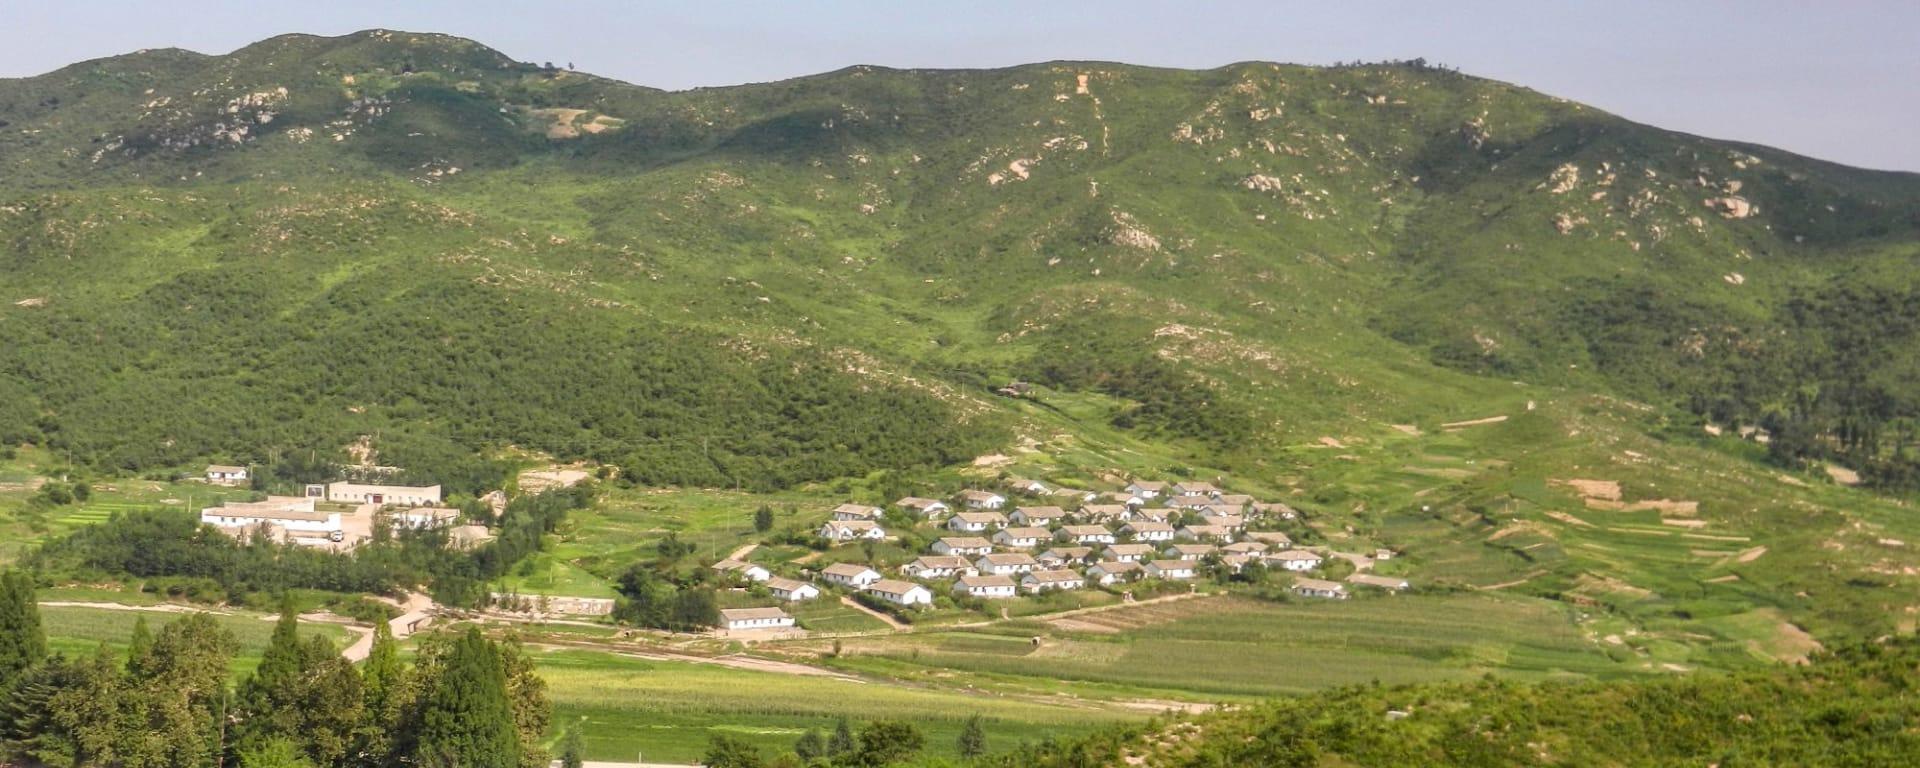 Nordkorea Kompakt ab Pyongyang: Kaesong Countryside